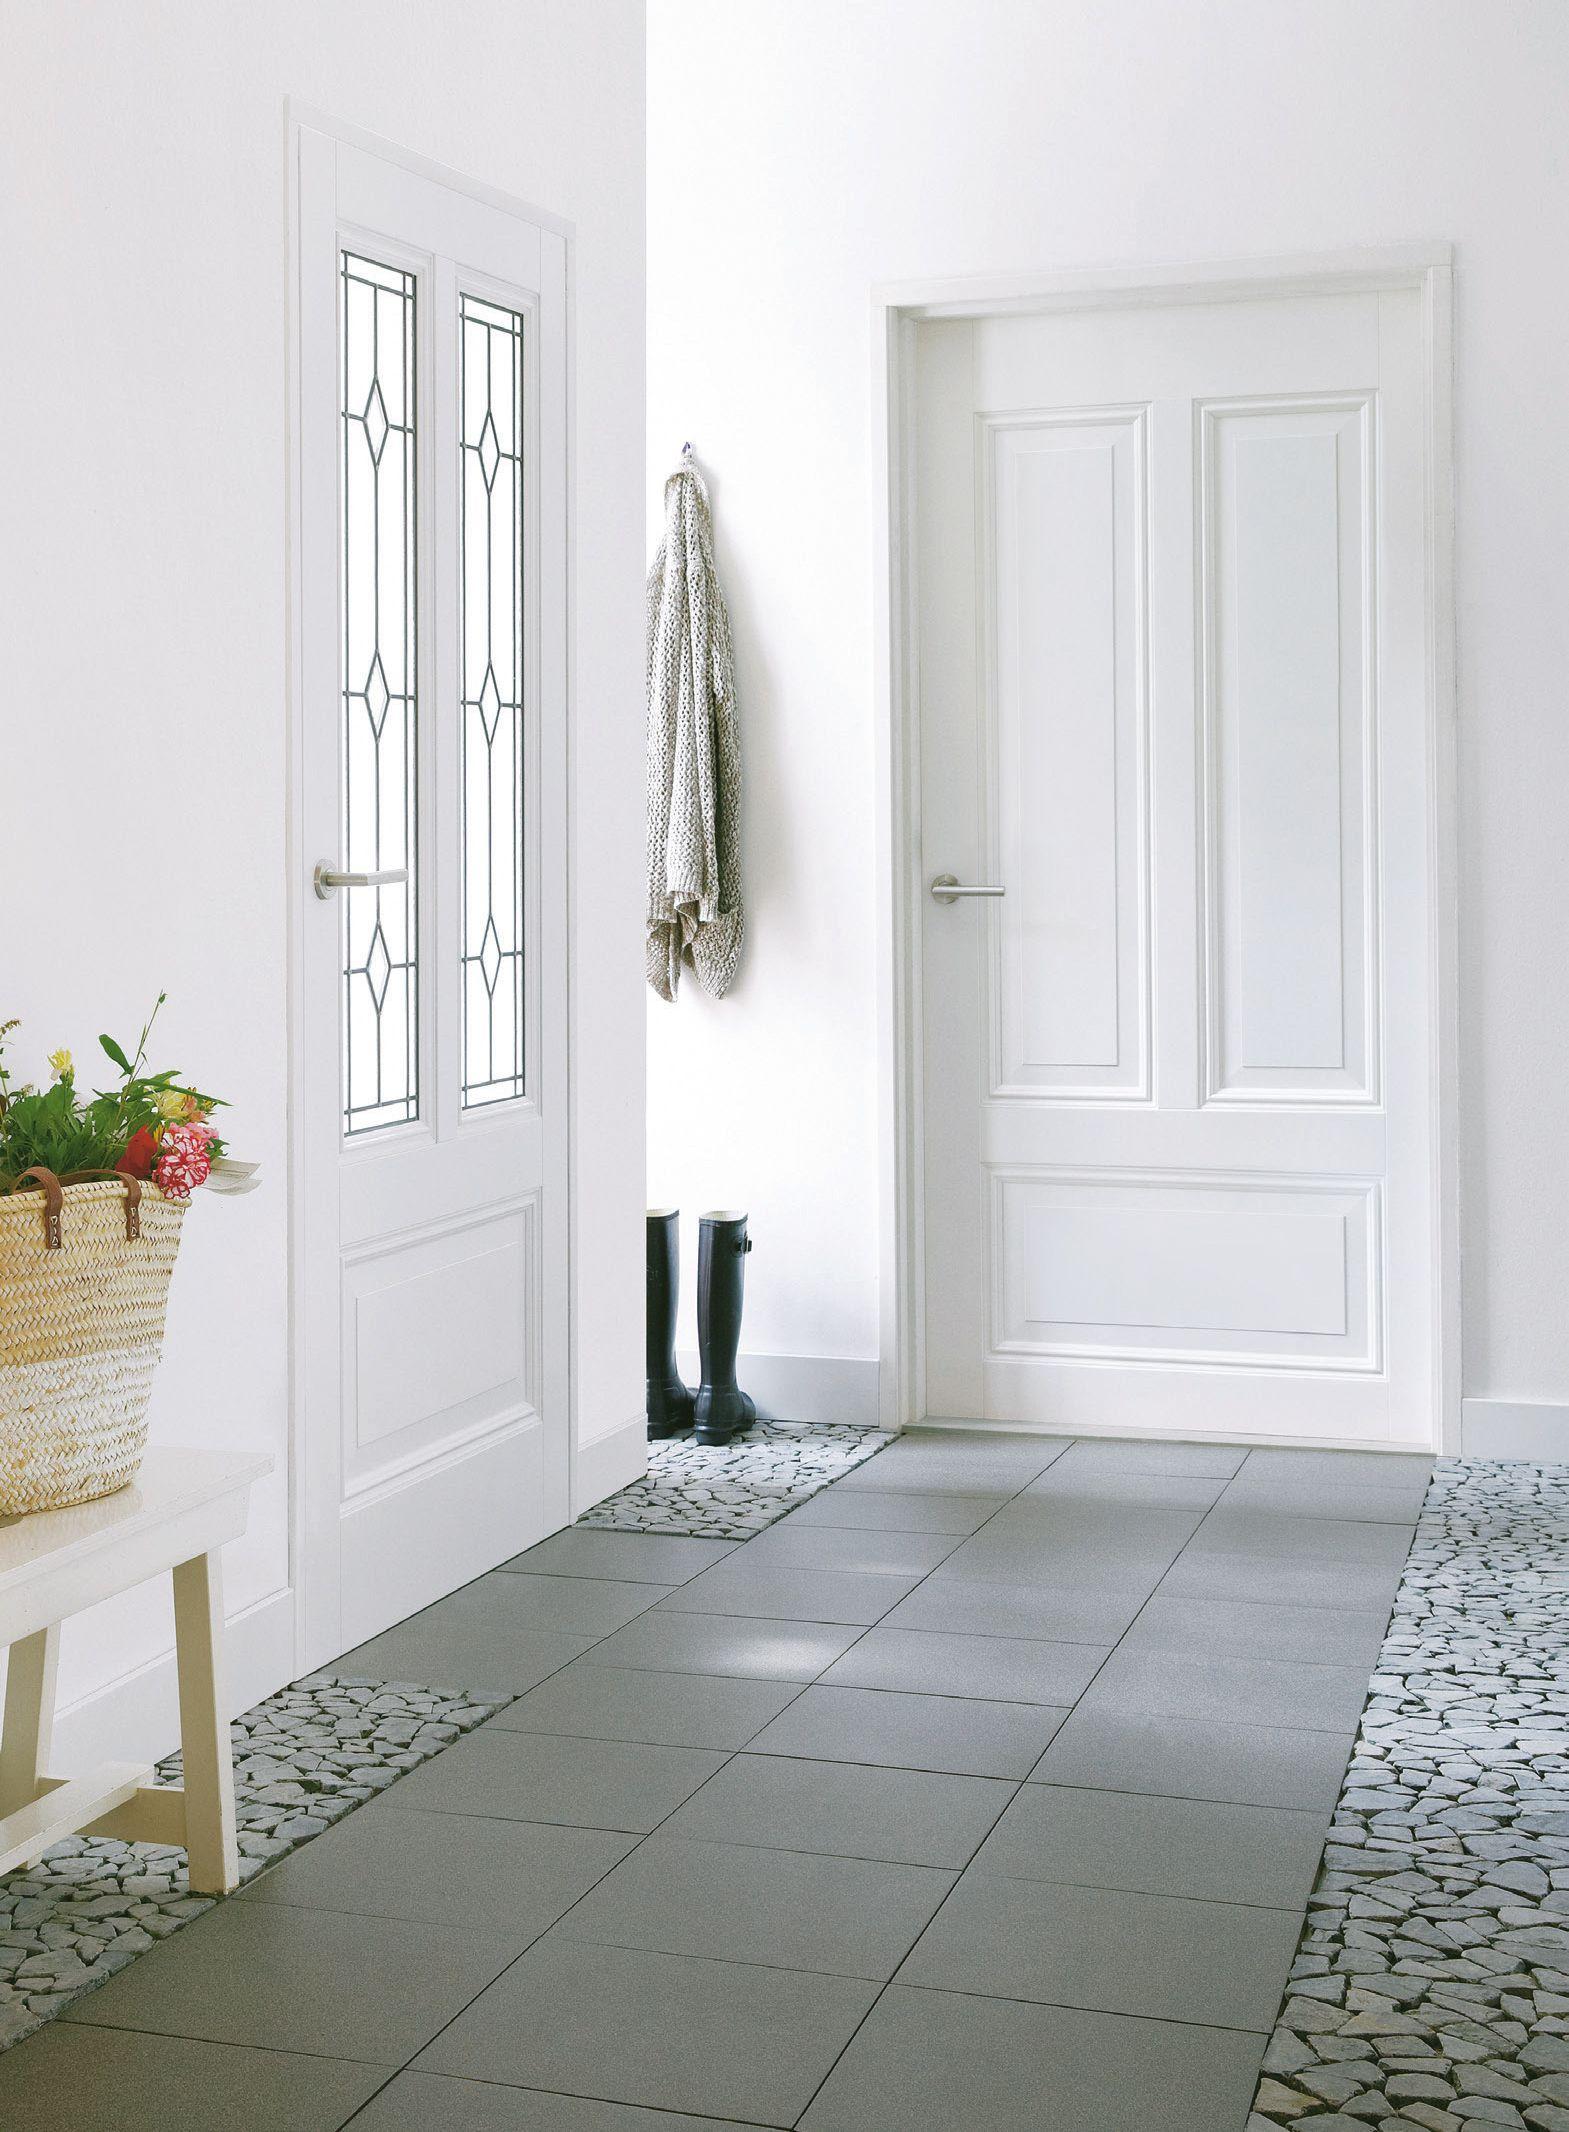 praxis witte wanden geven een ruimtelijk gevoel vloer